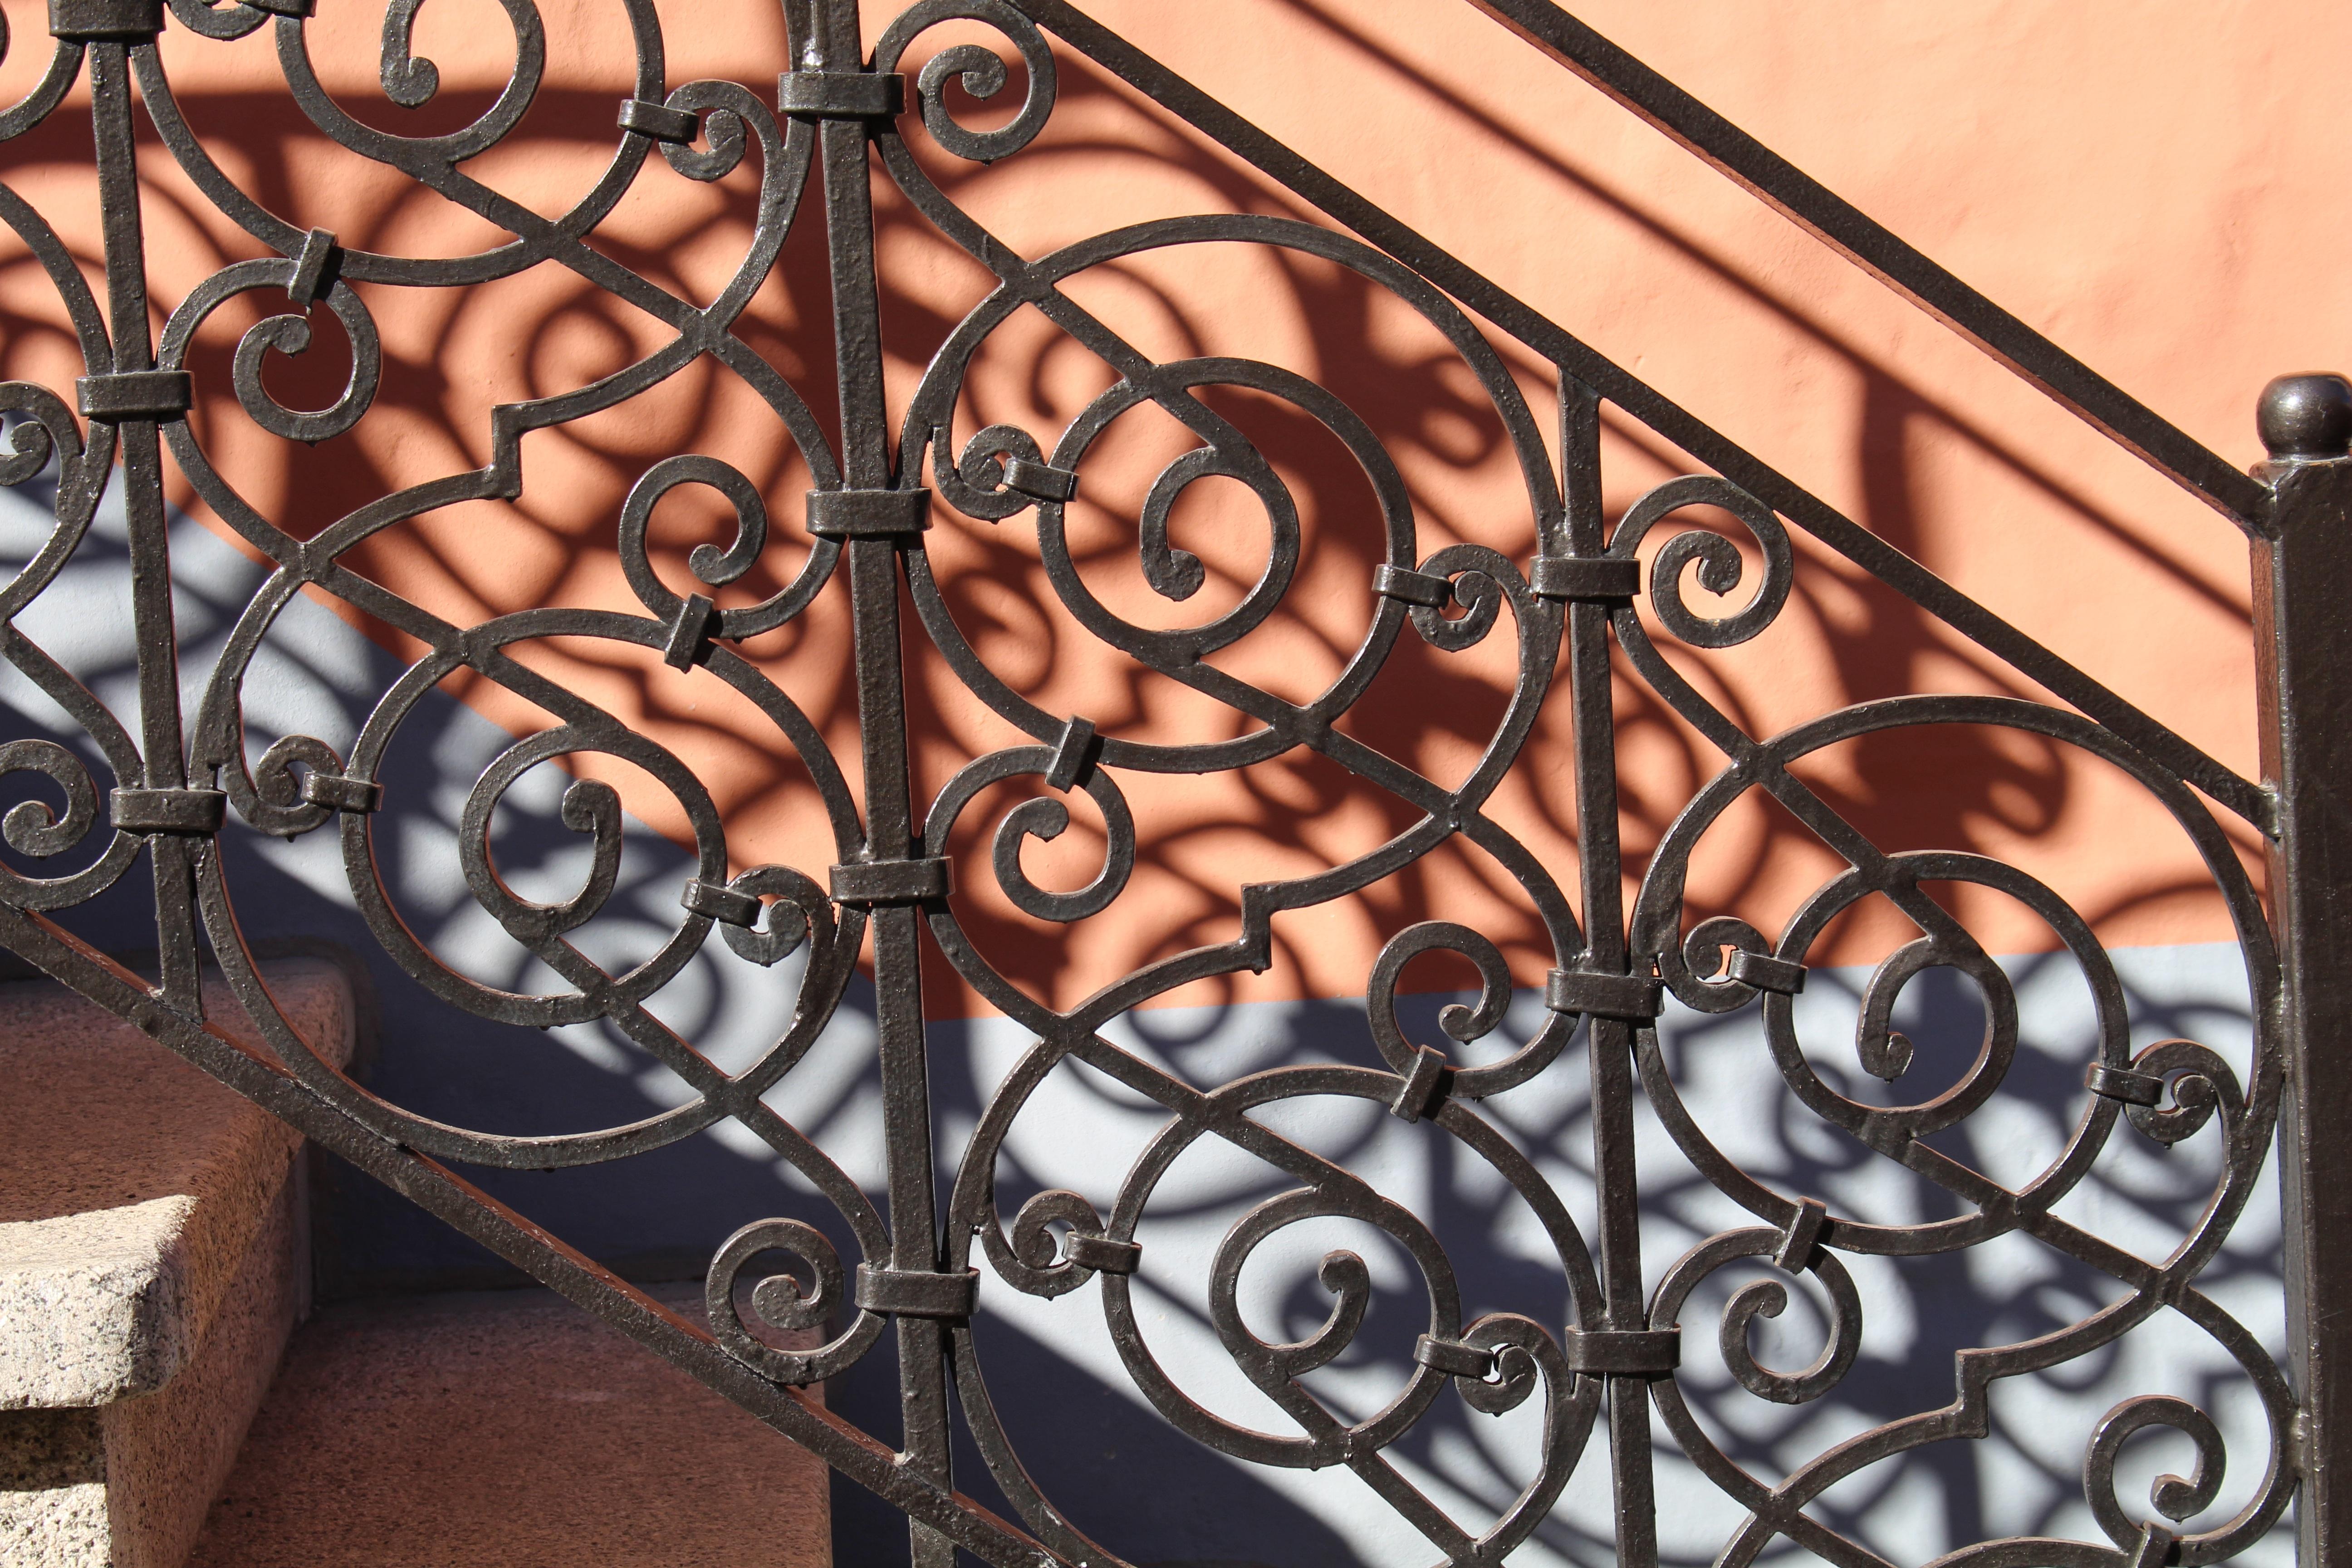 escalera metal material pretil oscuridad hierro detalle barandilla balaustre